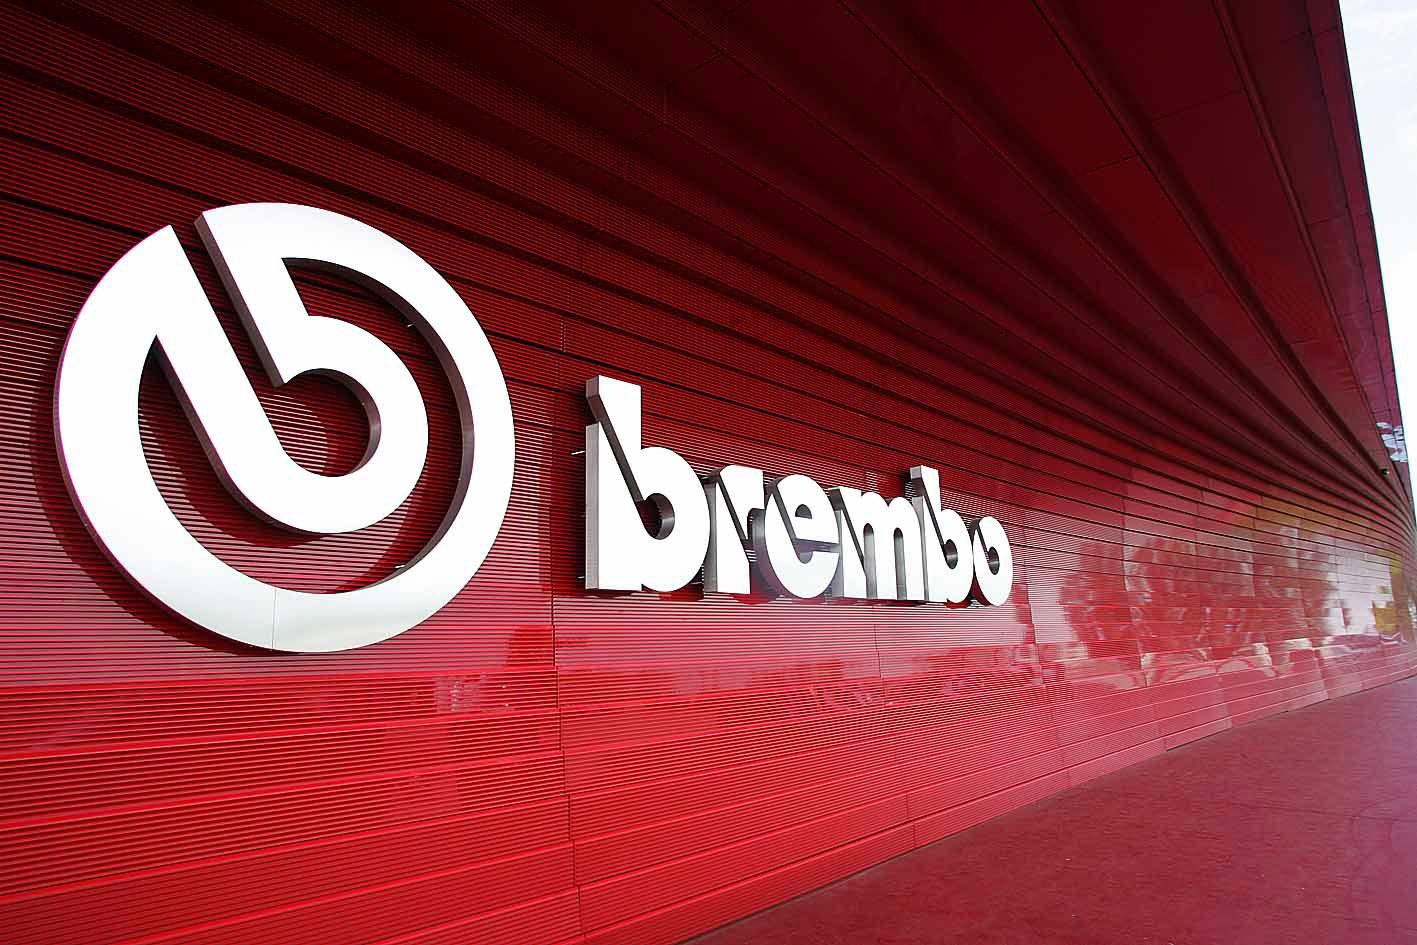 Brembo anunció la compra de J.JUAN